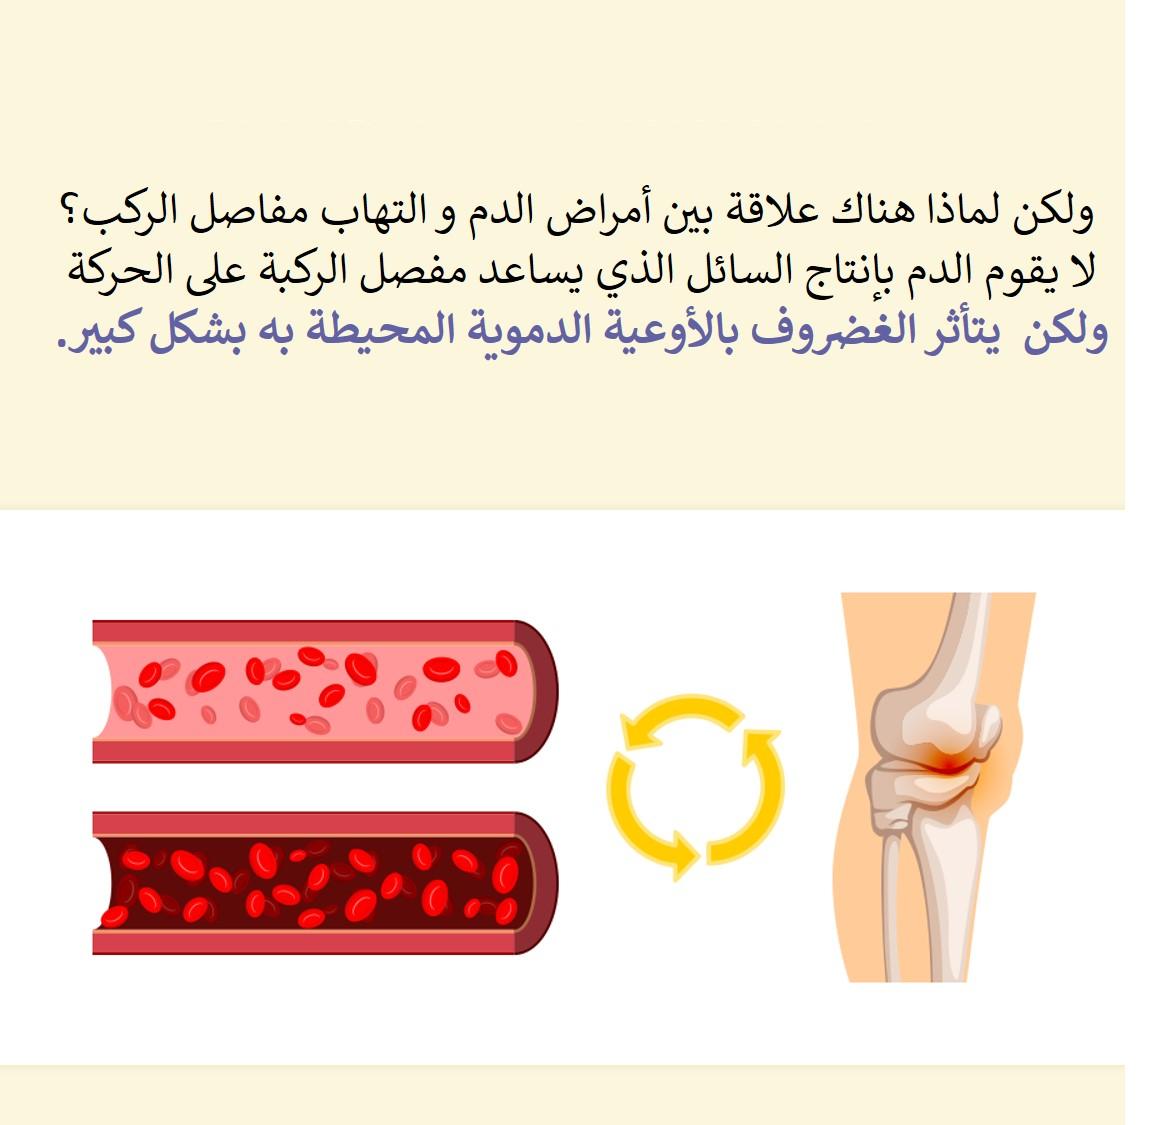 علاقة أمراض الدم بالمفاصل